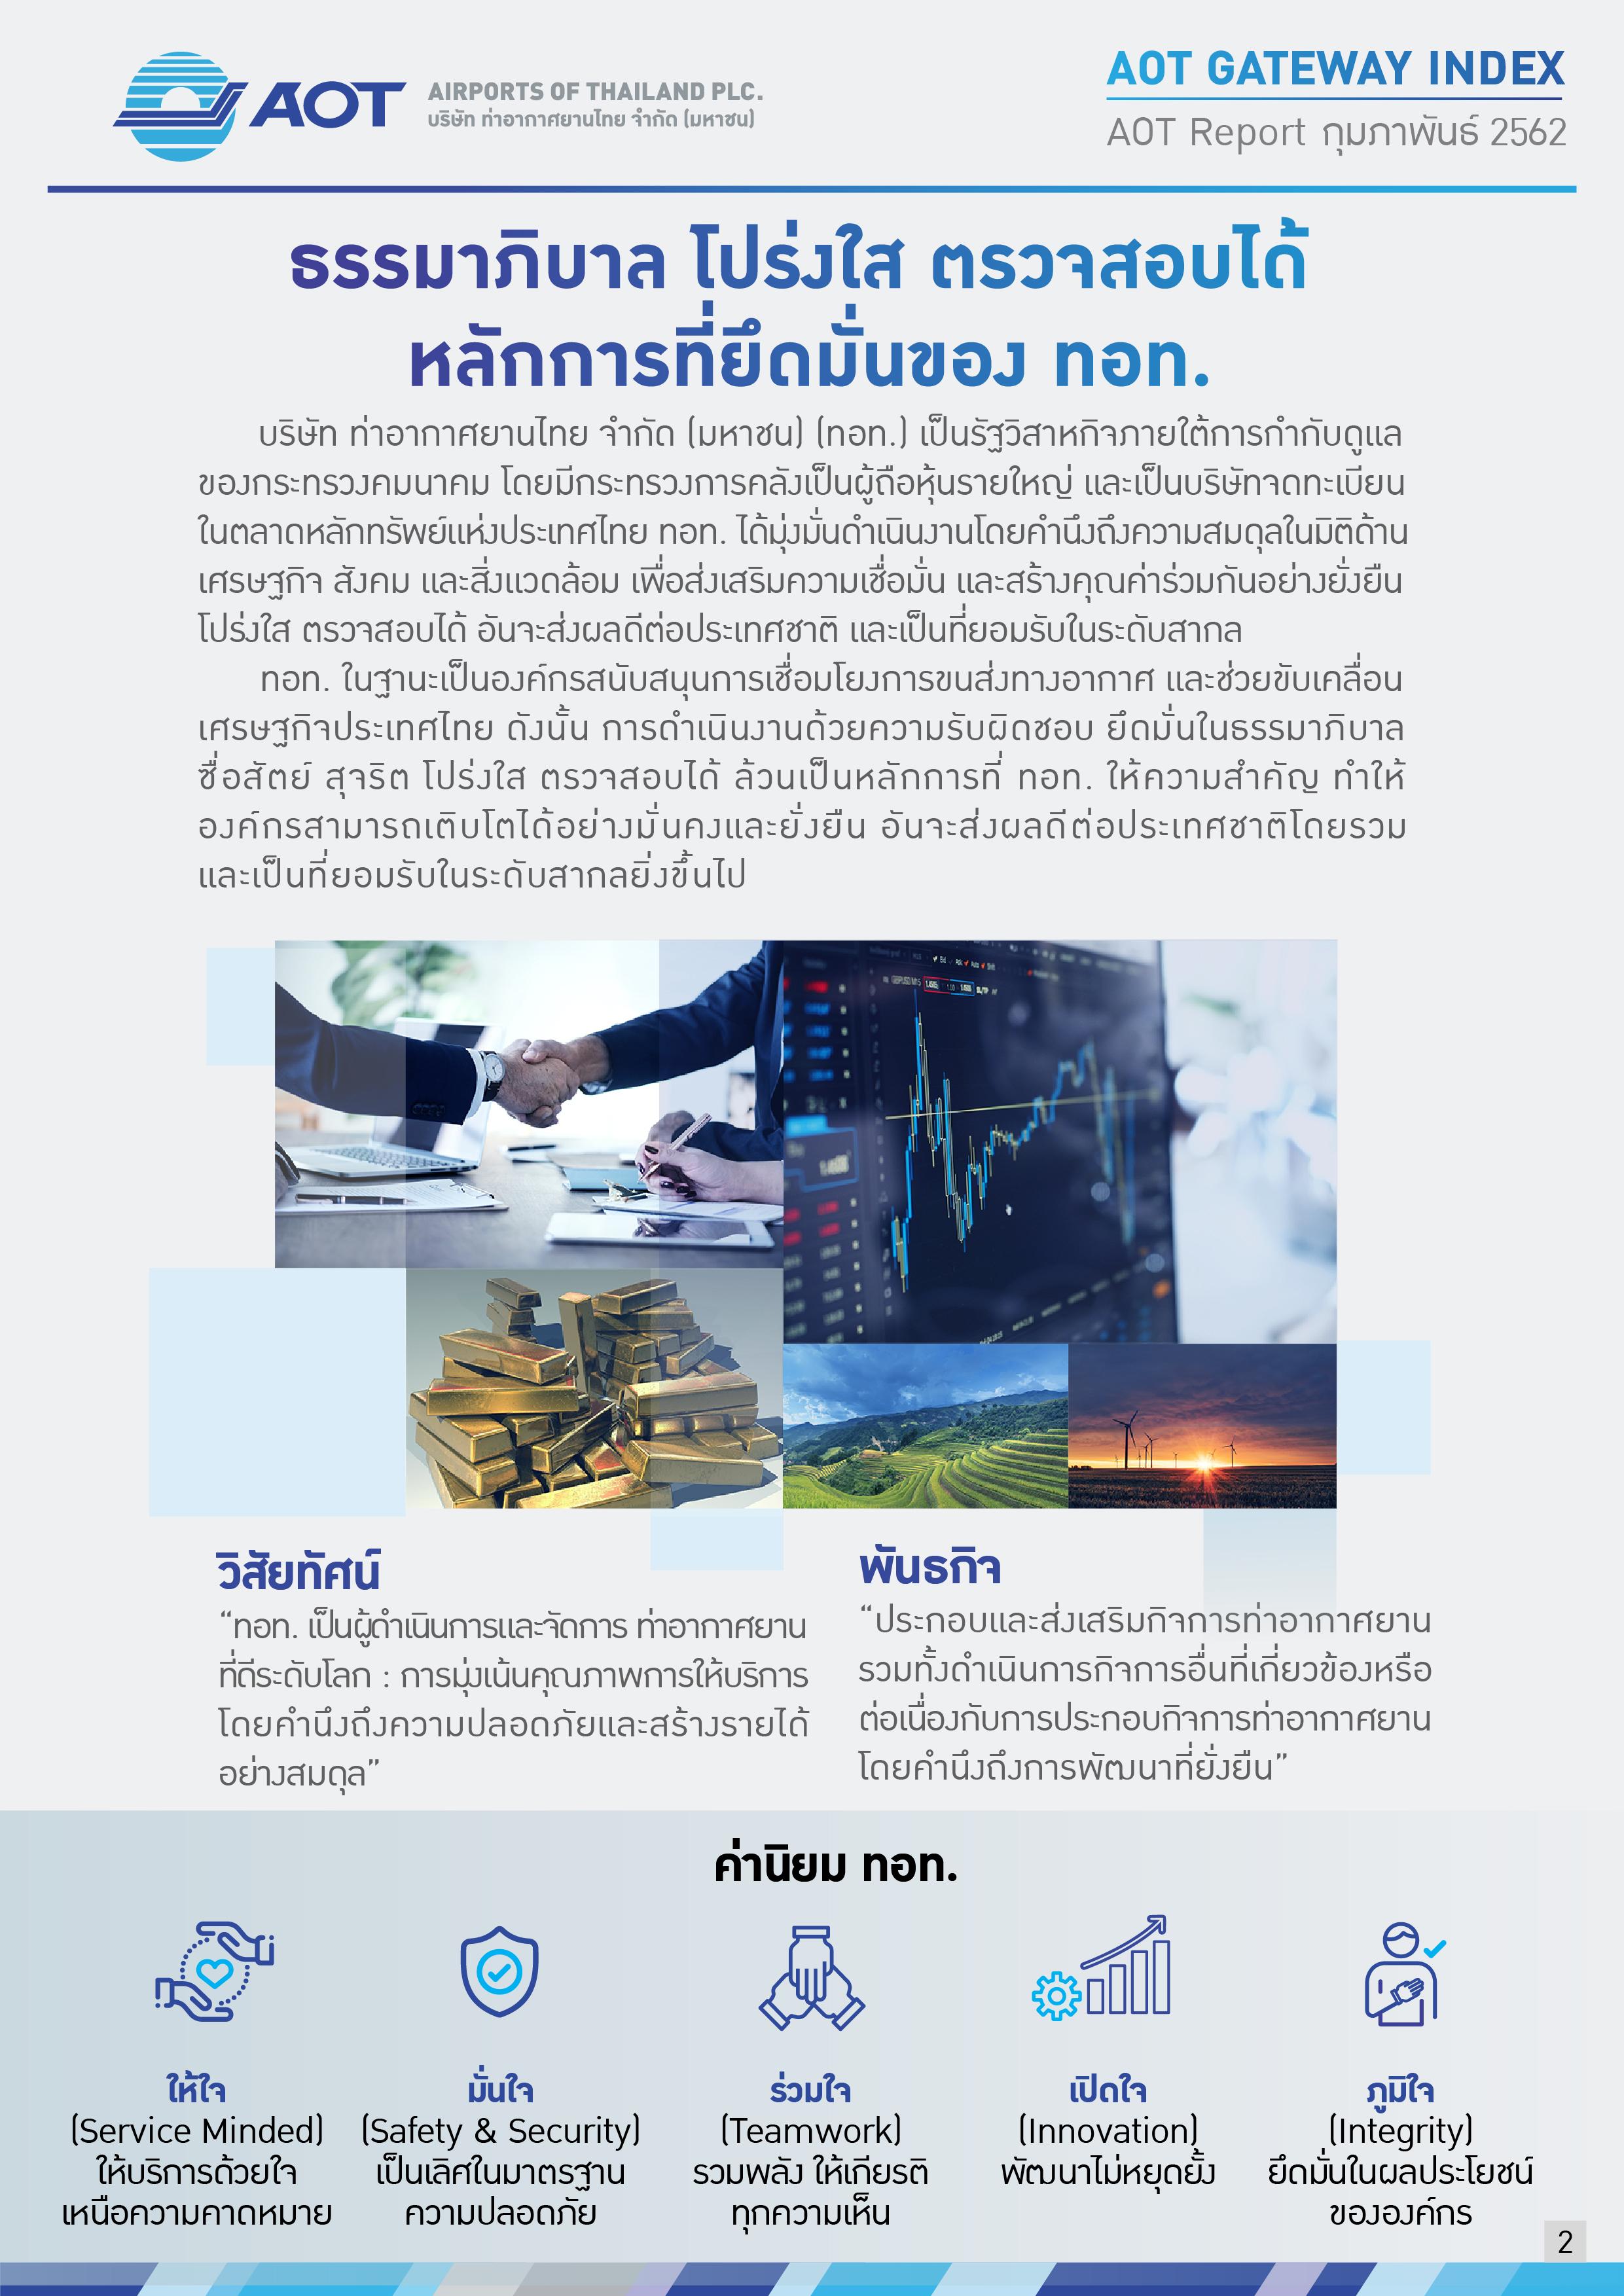 AOT_Index_03_20190418_V.7_Page02